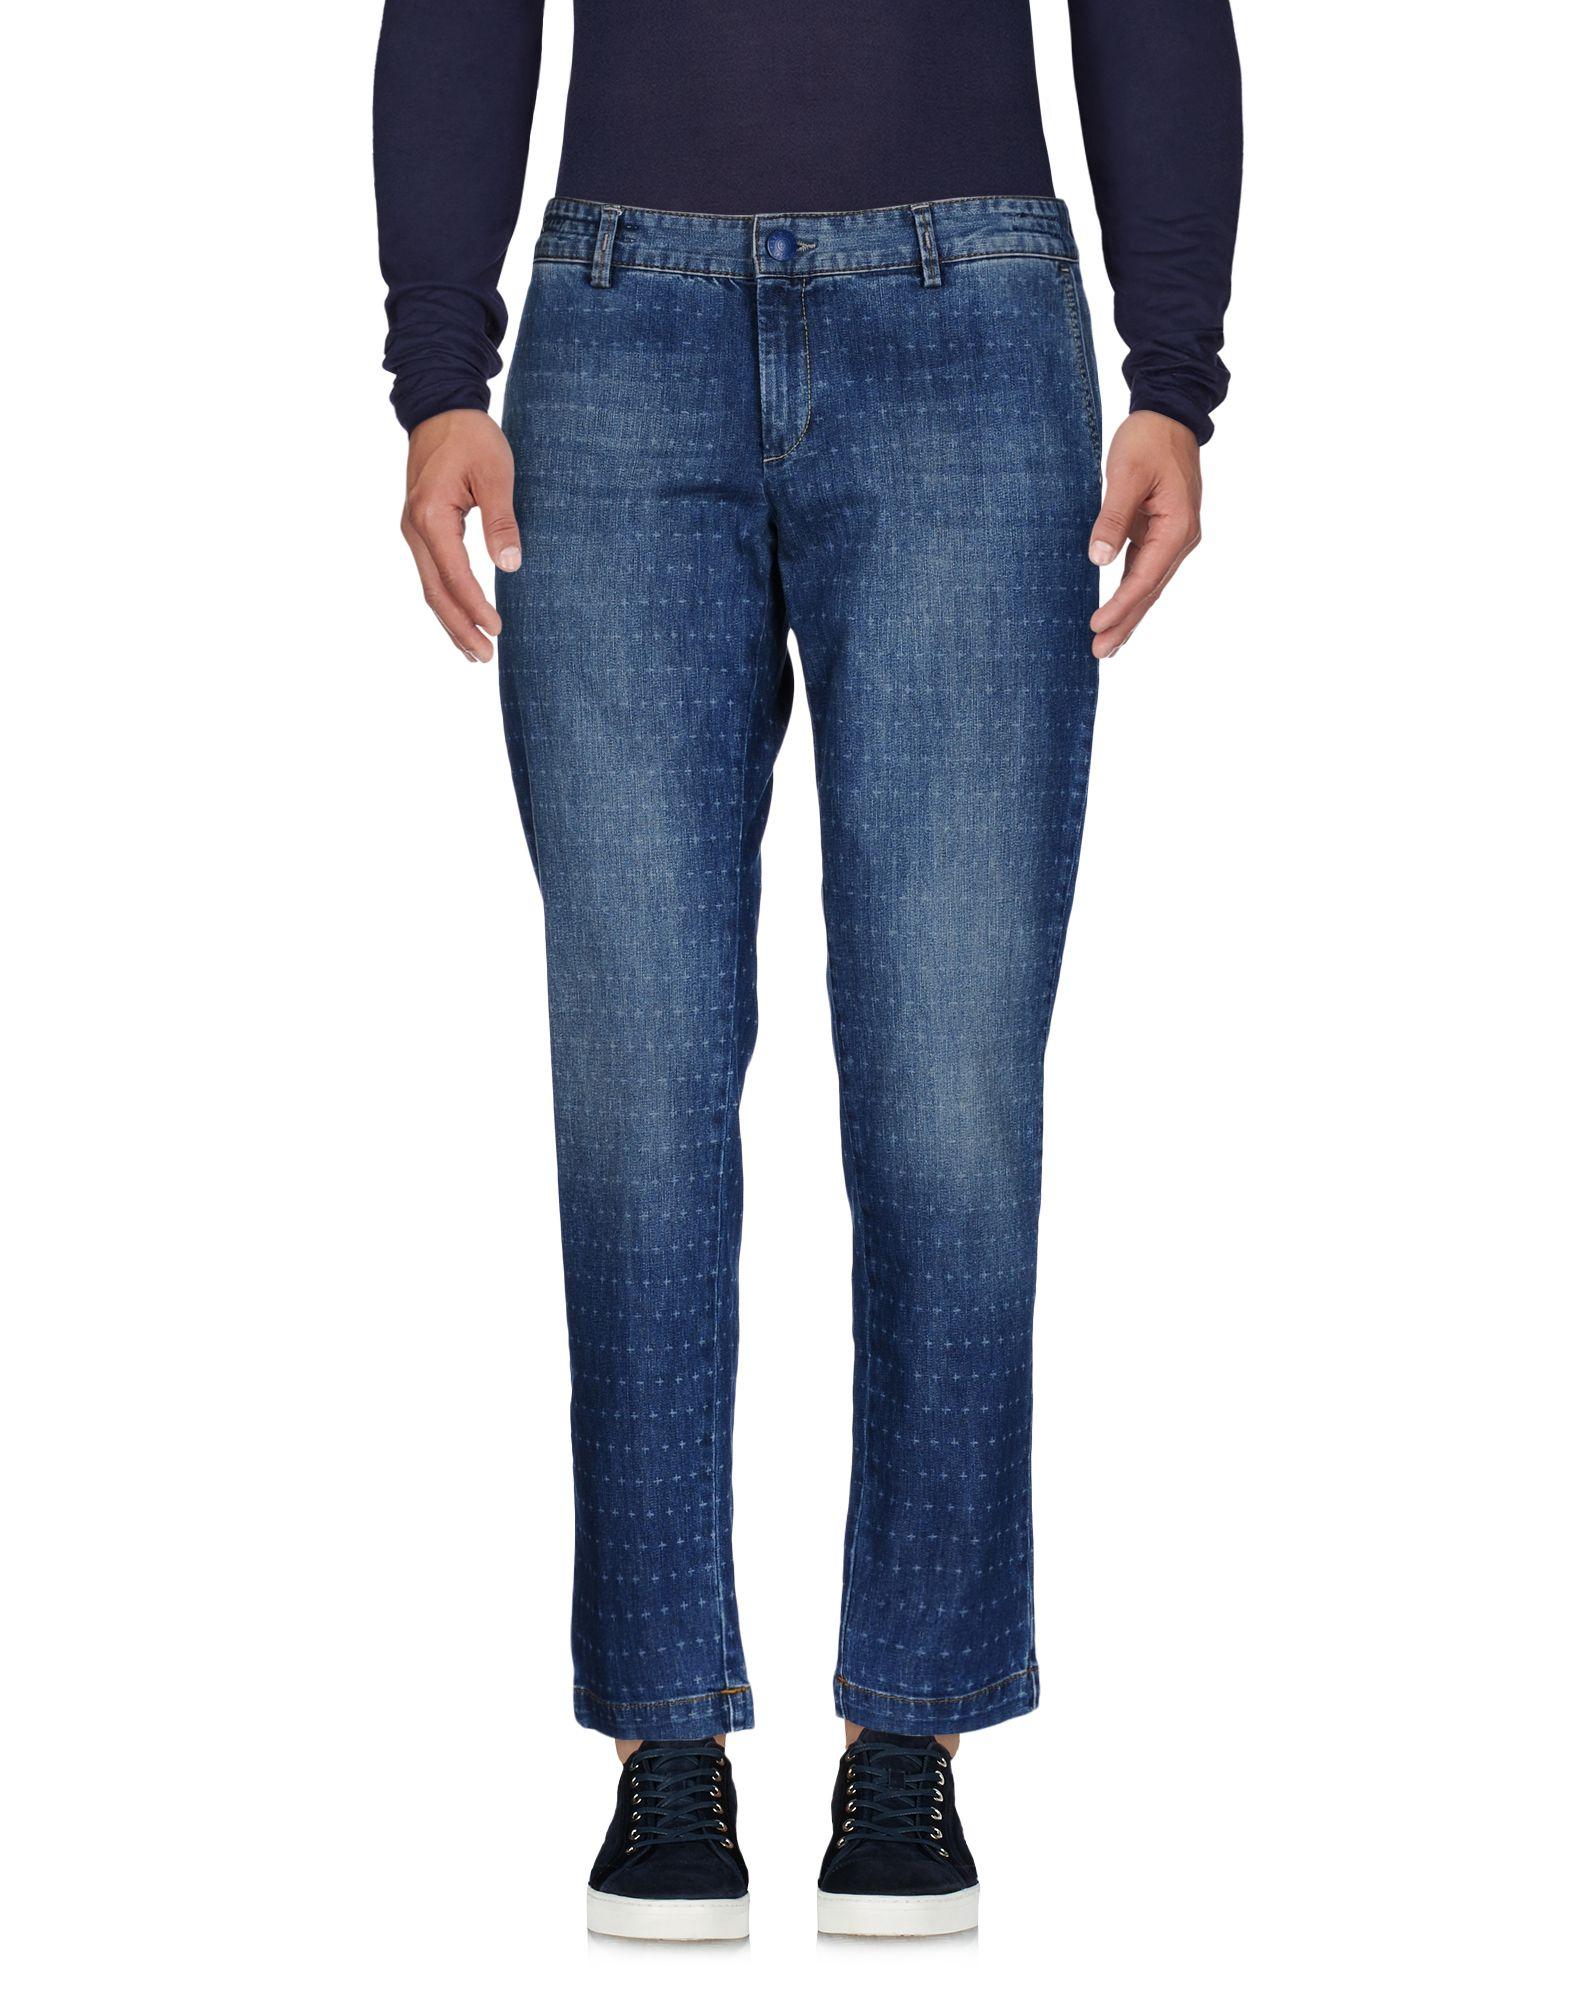 Wide leg jeans fashion 67